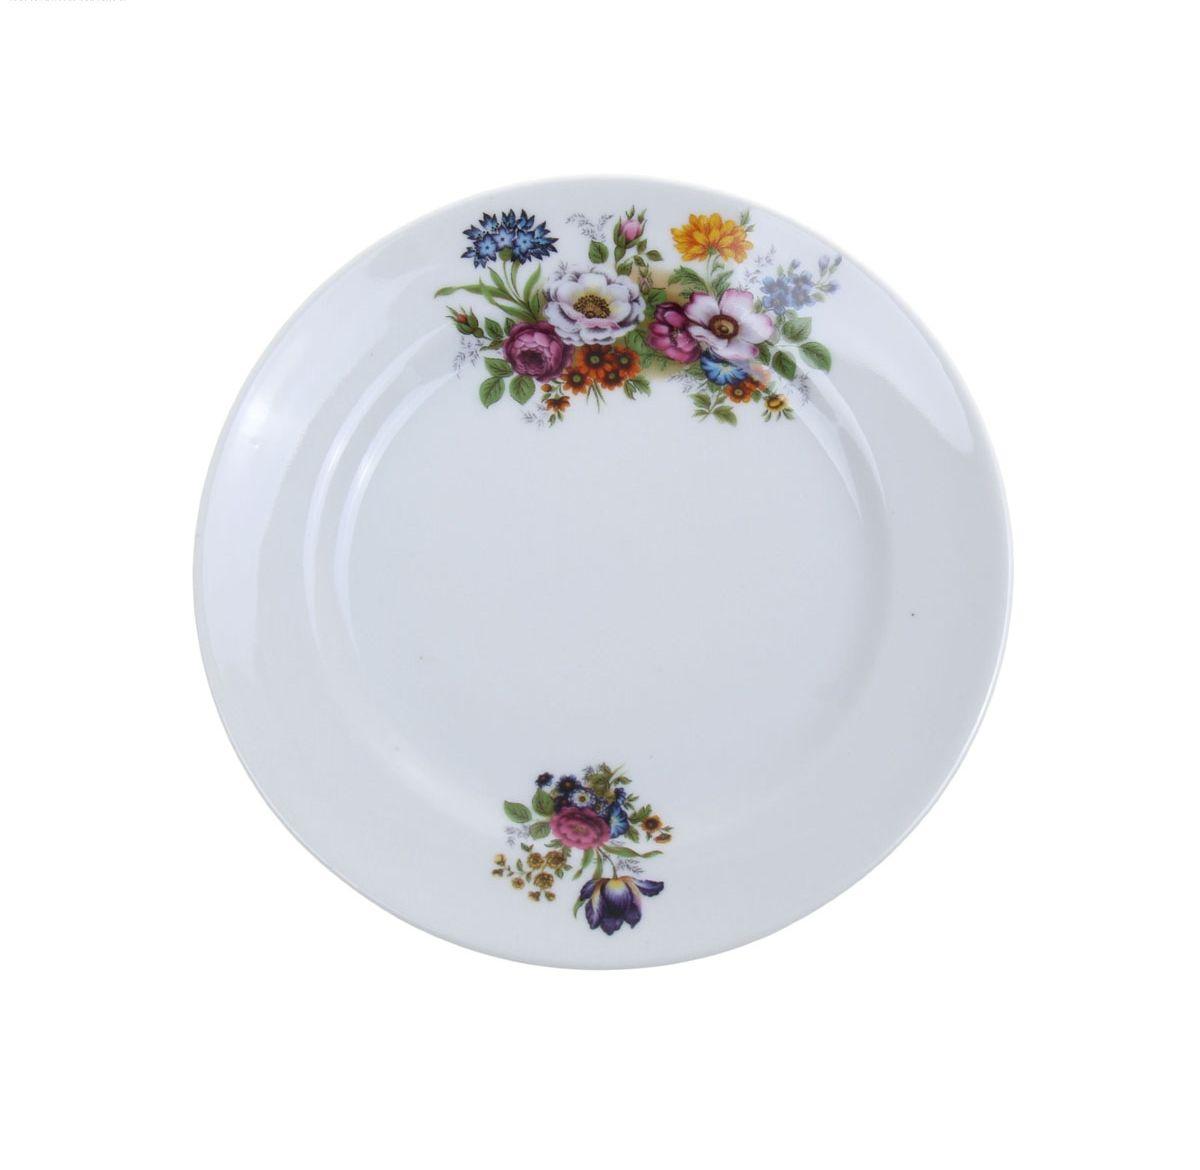 Тарелка мелкая Идиллия. Букет цветов, диаметр 17 см1063088